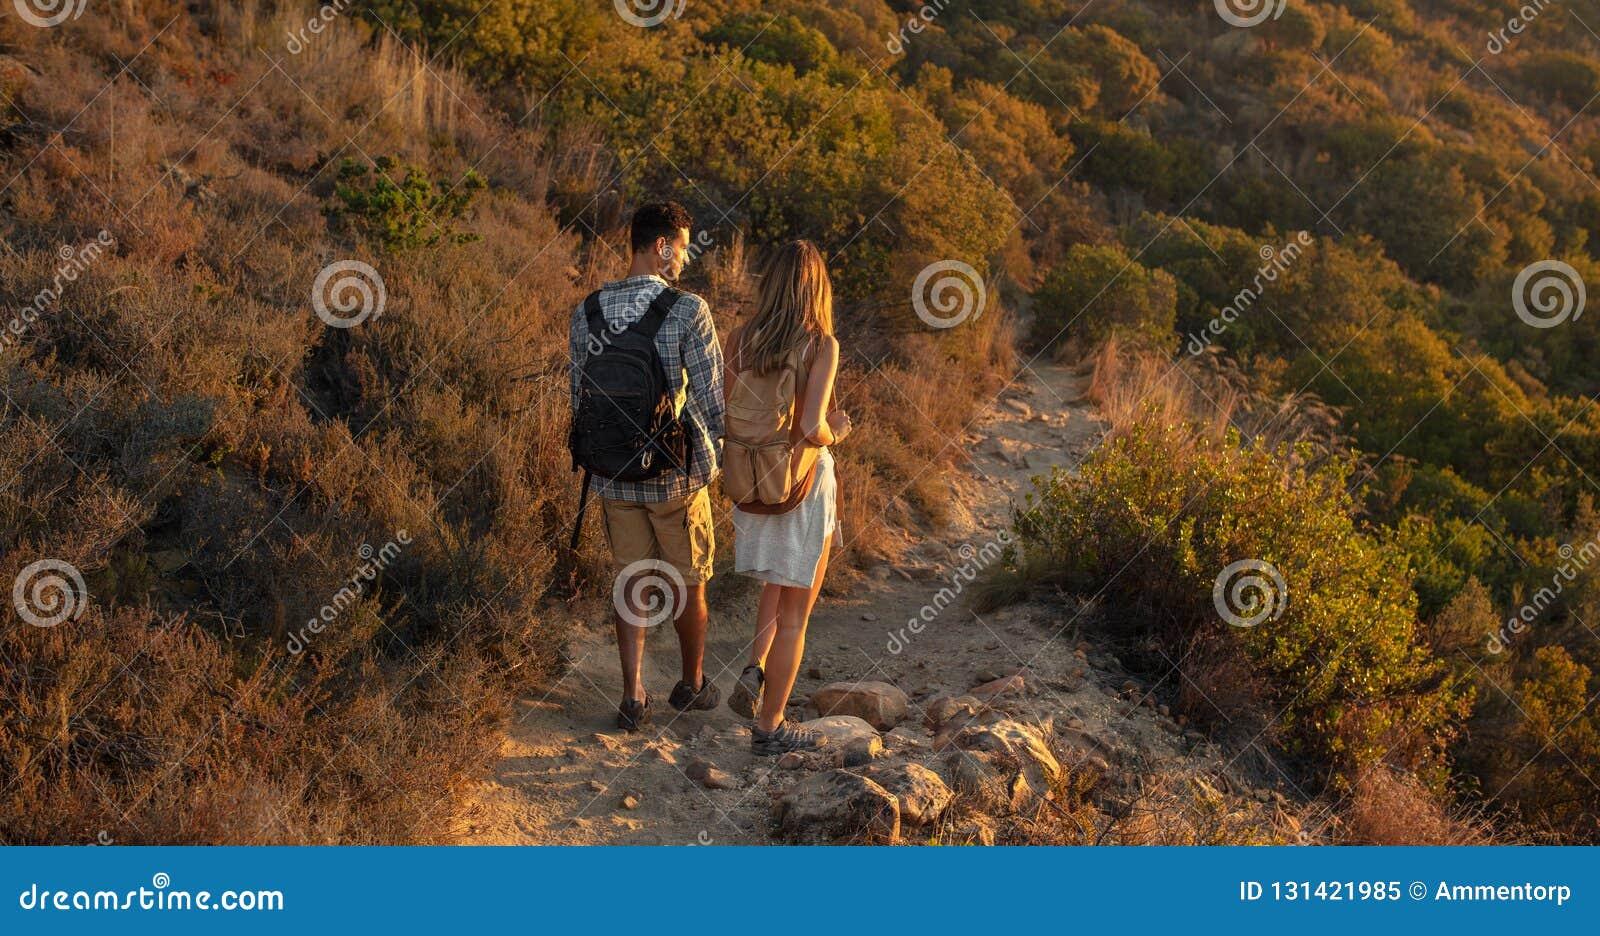 Tylni widok mężczyzny i kobiety wycieczkowicze trekking skalistą ścieżkę przy wzgórzem popiera kogoś Wycieczkowicz pary natury re